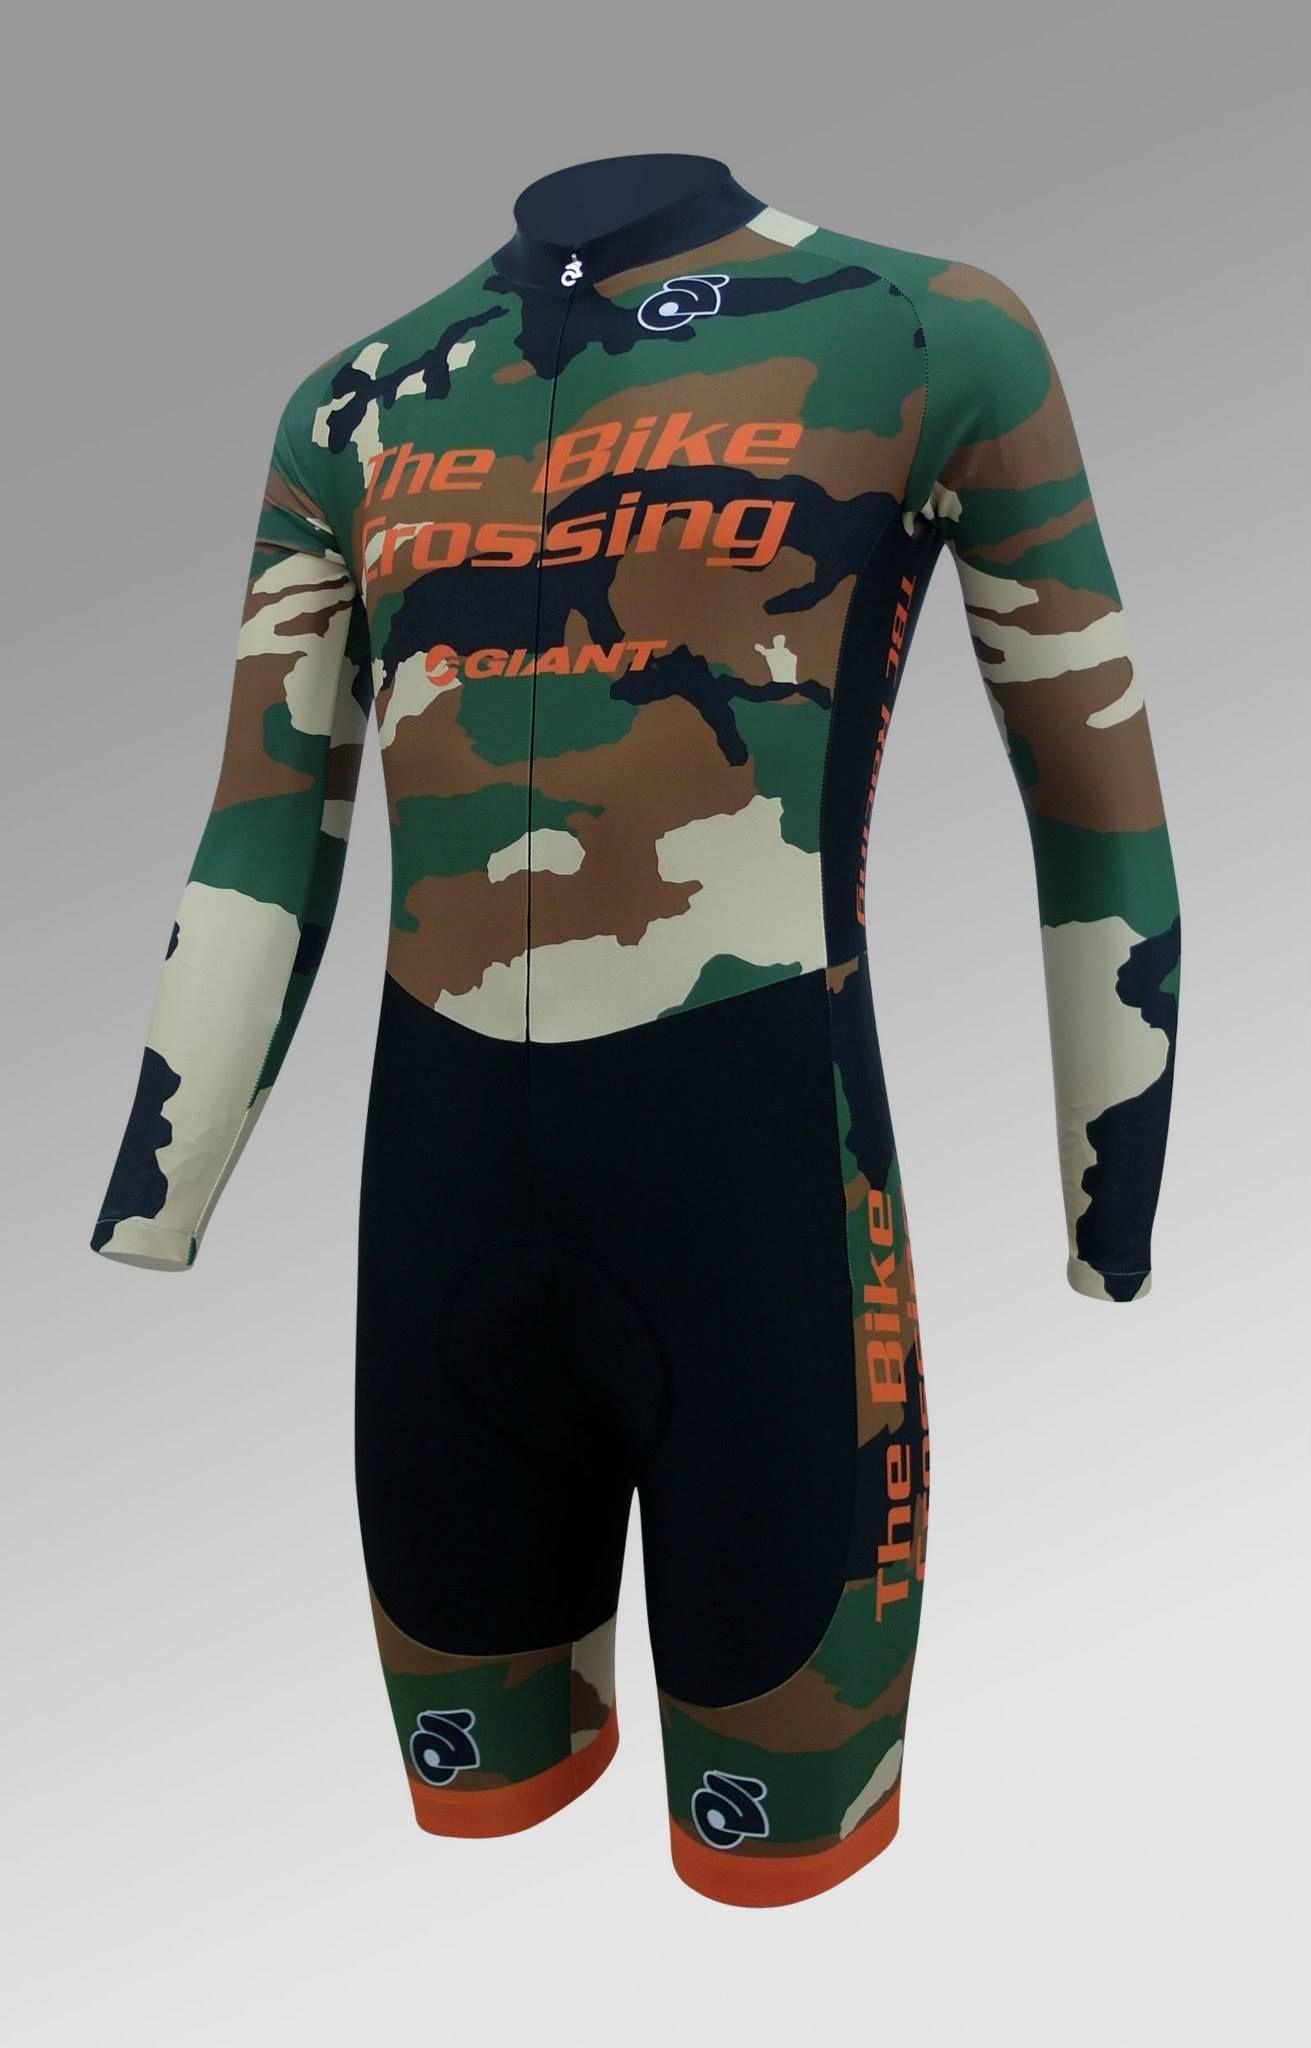 07e0774a1c3 The Bike Crossing Camo Skinsuit Cycling Wear